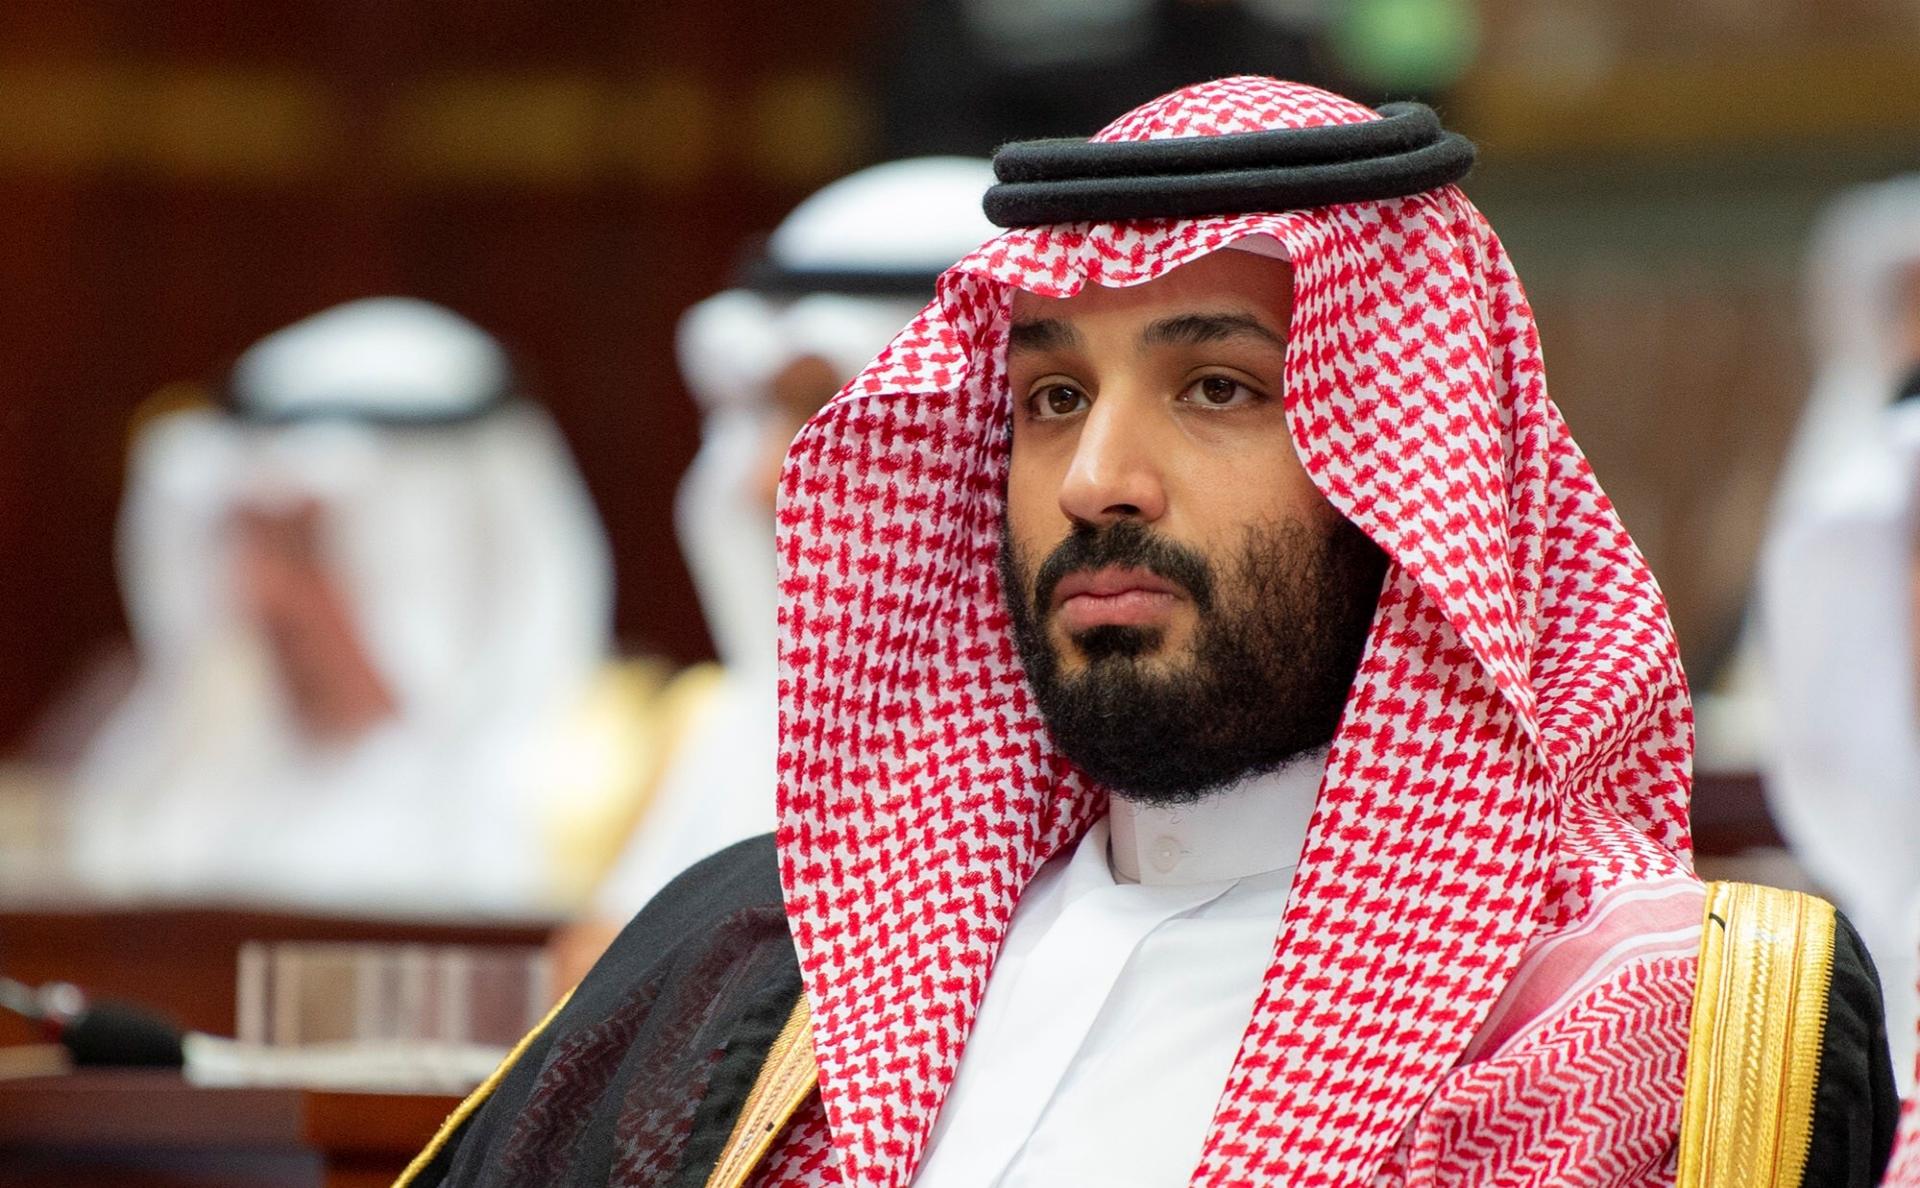 ОПЕК+ должна быть наготове для возможных дополнительных действий – министр энергетики Саудовской Аравии